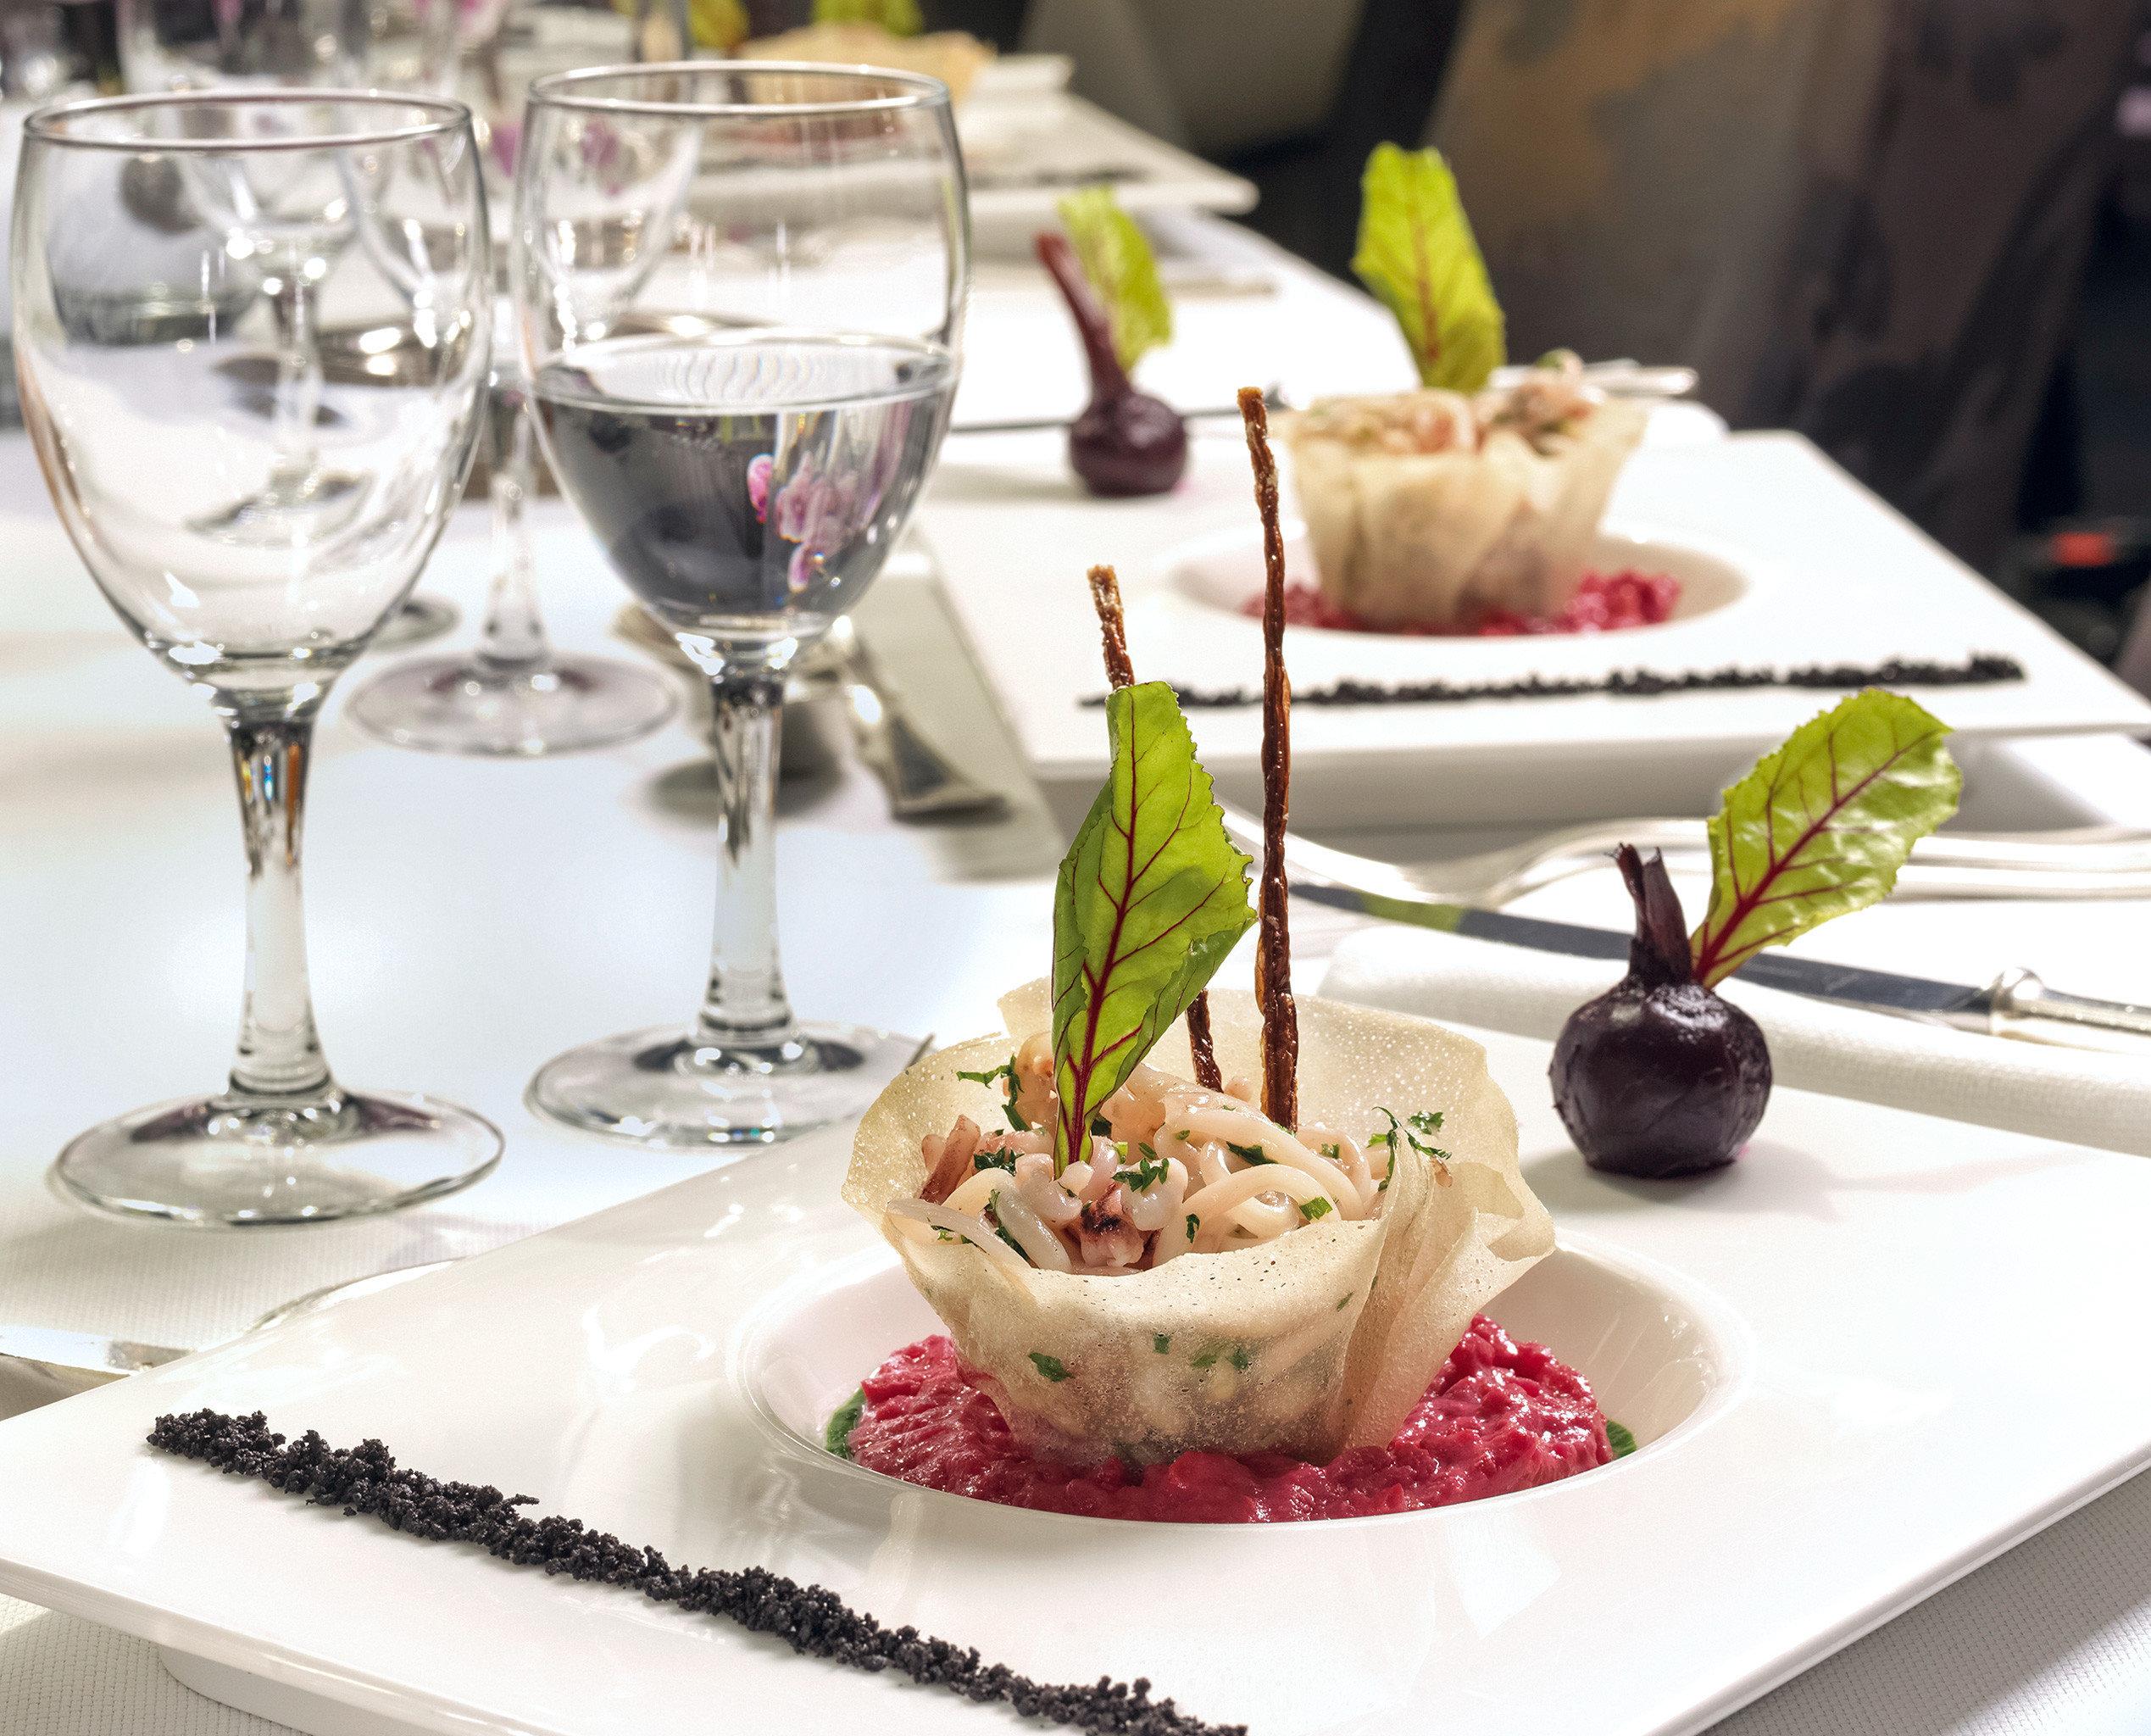 Dining Drink Eat Modern Resort plate wine food restaurant brunch white dinner sense hors d oeuvre lunch breakfast cuisine buffet